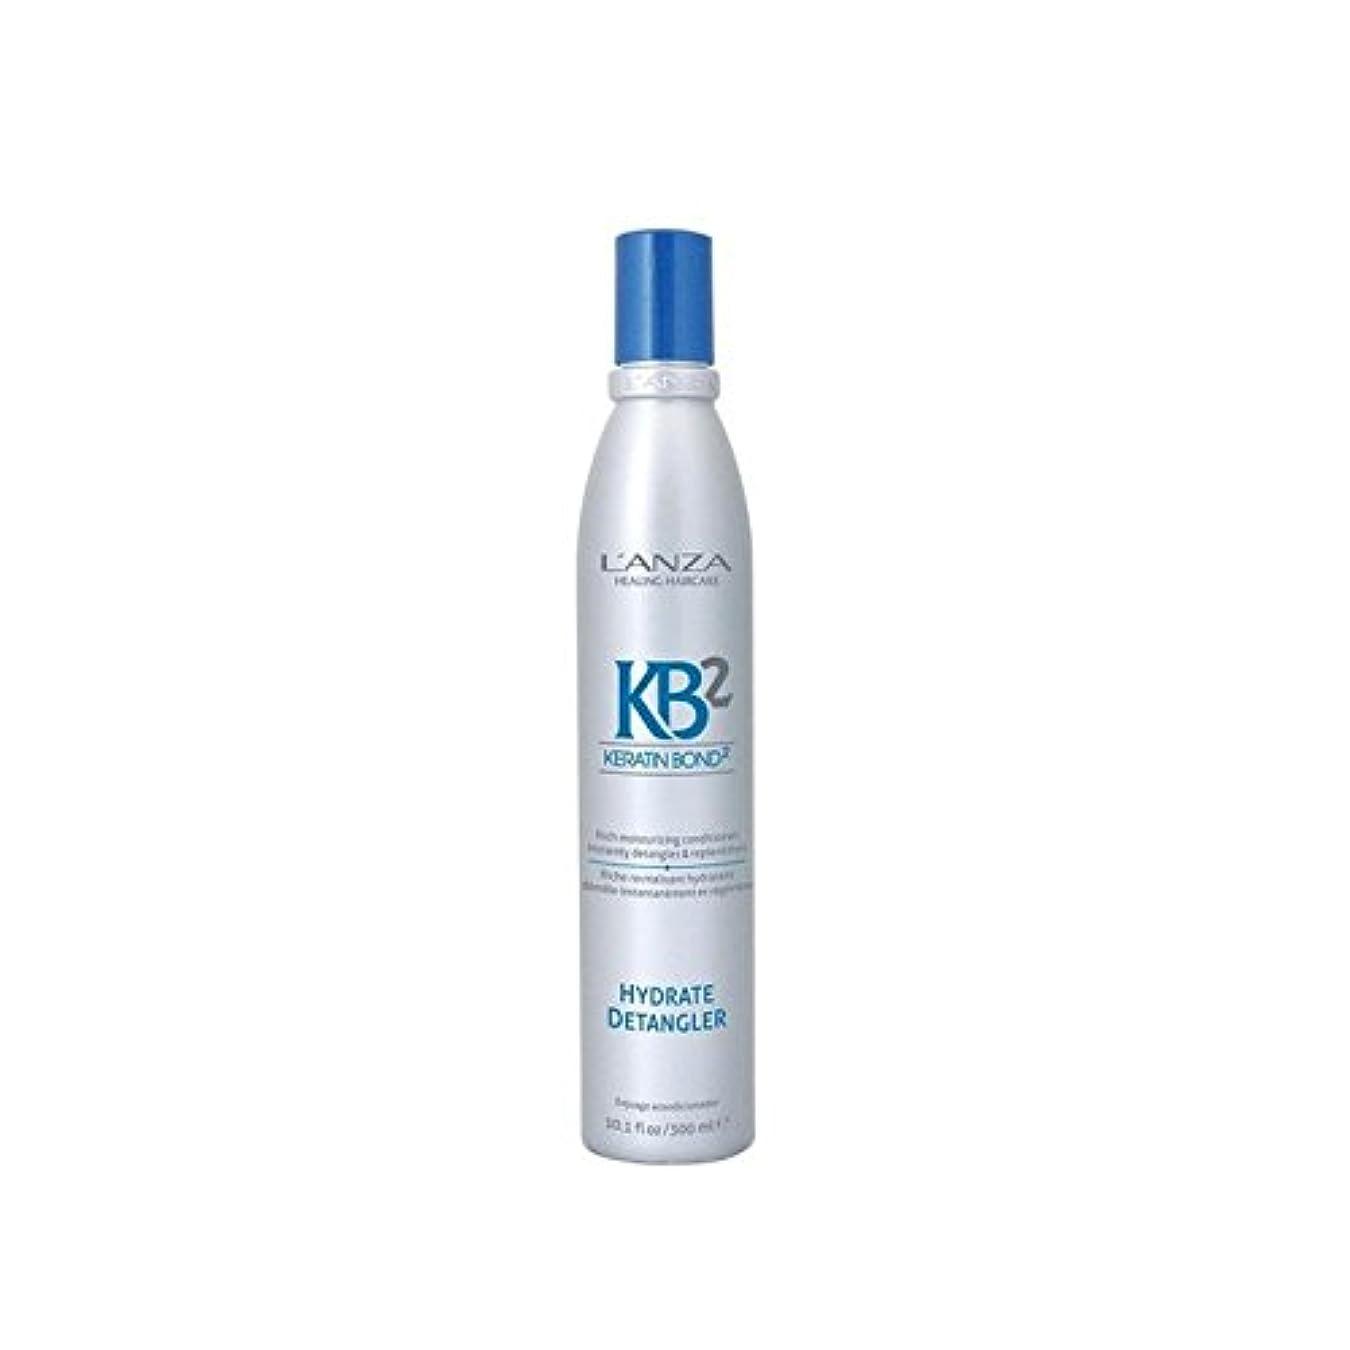 書き出すどこ台風アンザ2和物(300ミリリットル) x2 - L'Anza Kb2 Hydrate Detangler (300ml) (Pack of 2) [並行輸入品]